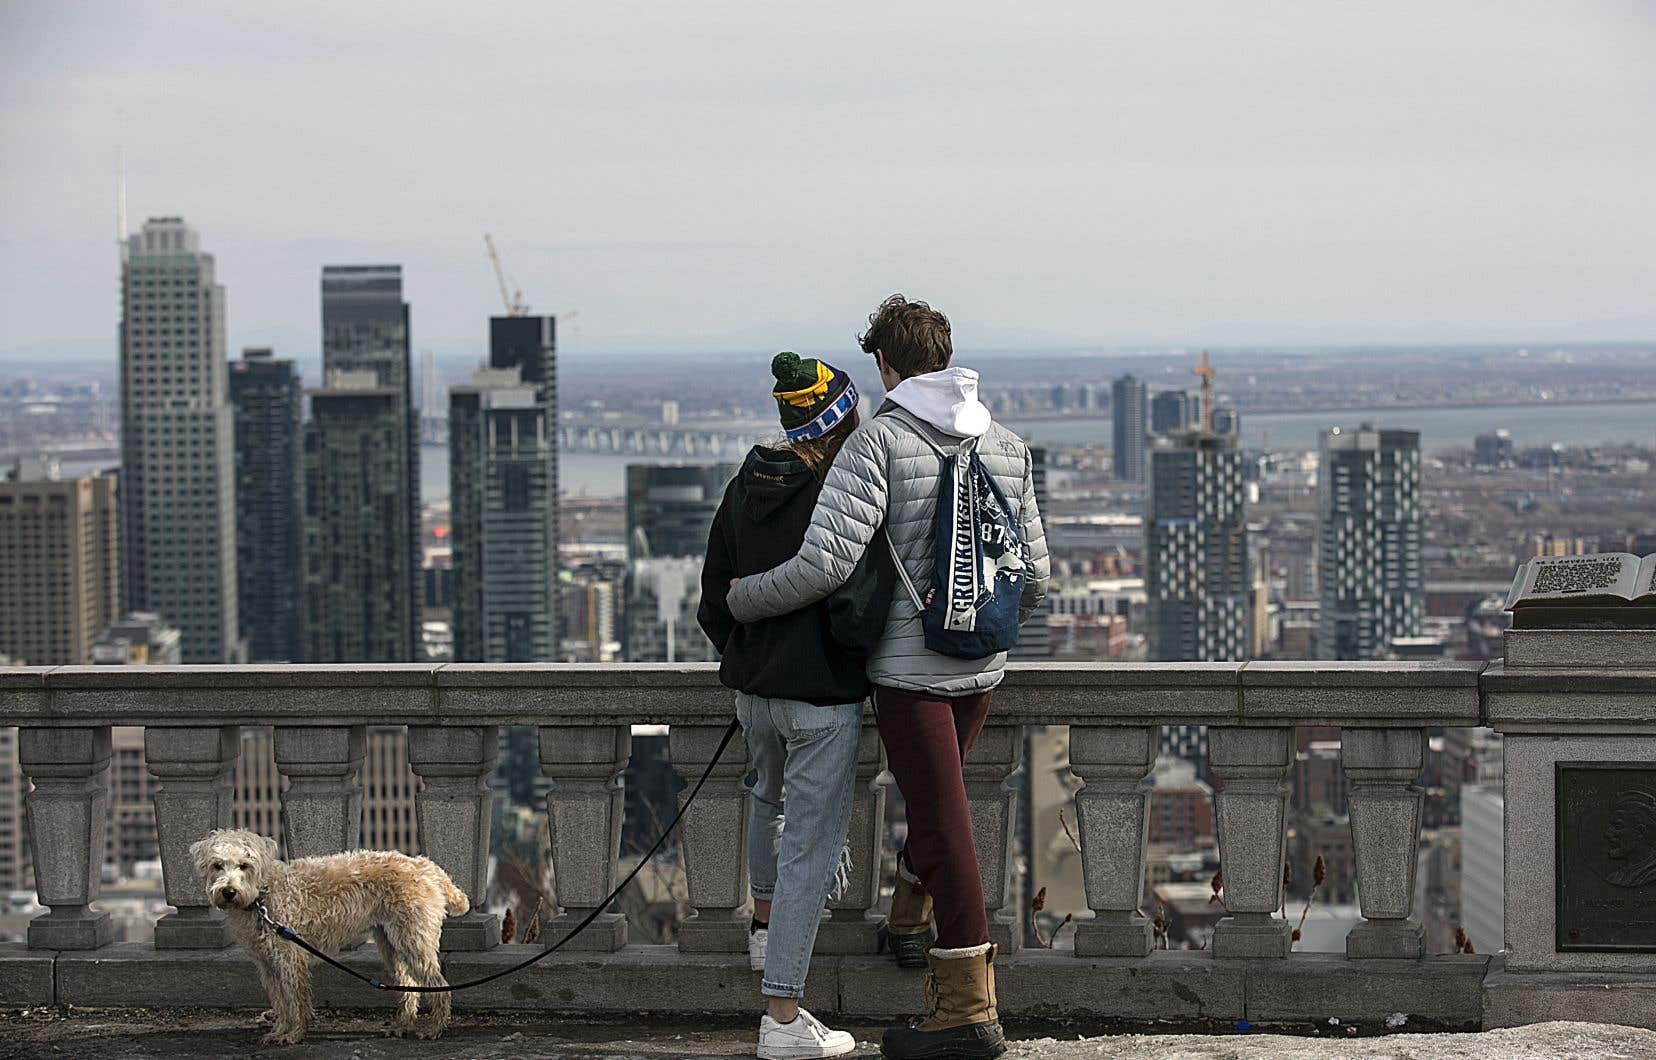 Les règles urbanistiques font en sorte qu'à Montréal, aucun immeuble ne peut dépasser le sommet de la montagne.